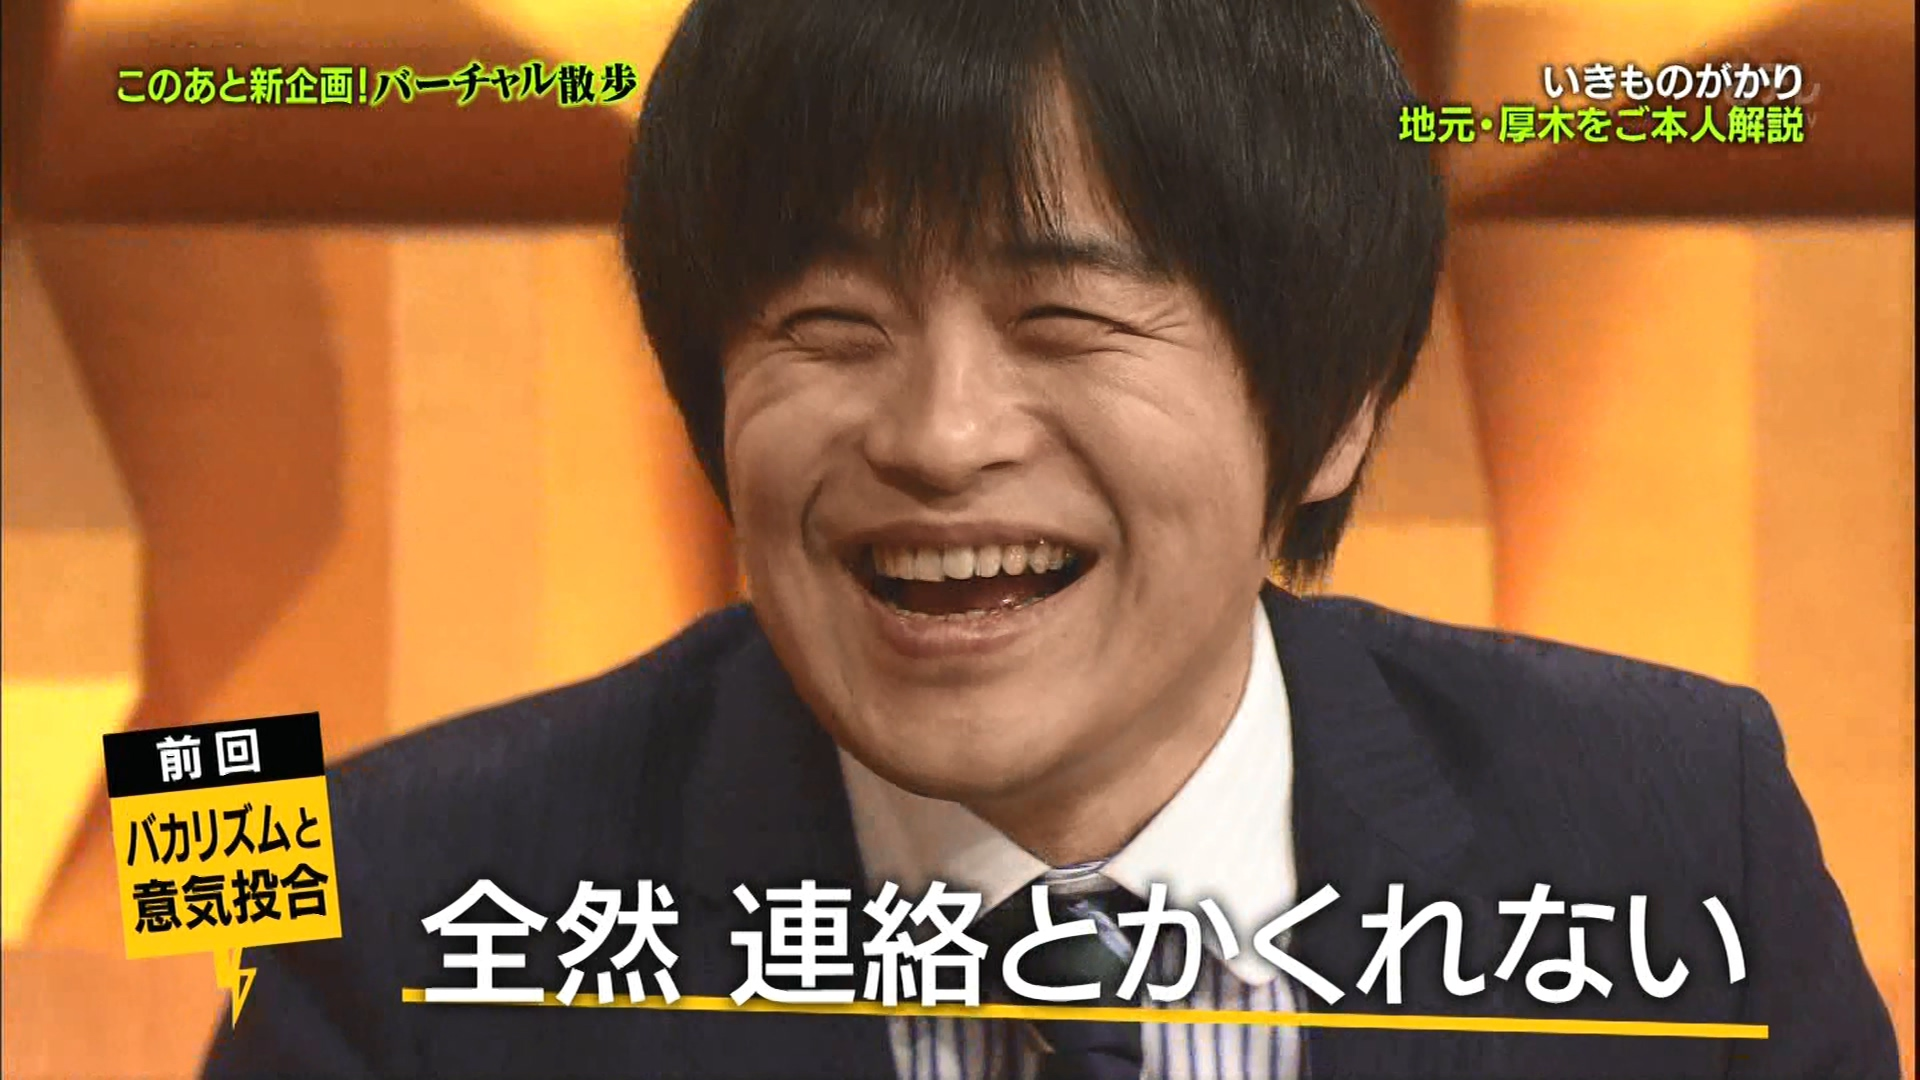 2016.03.11 全場(バズリズム).ts_20160312_013102.261